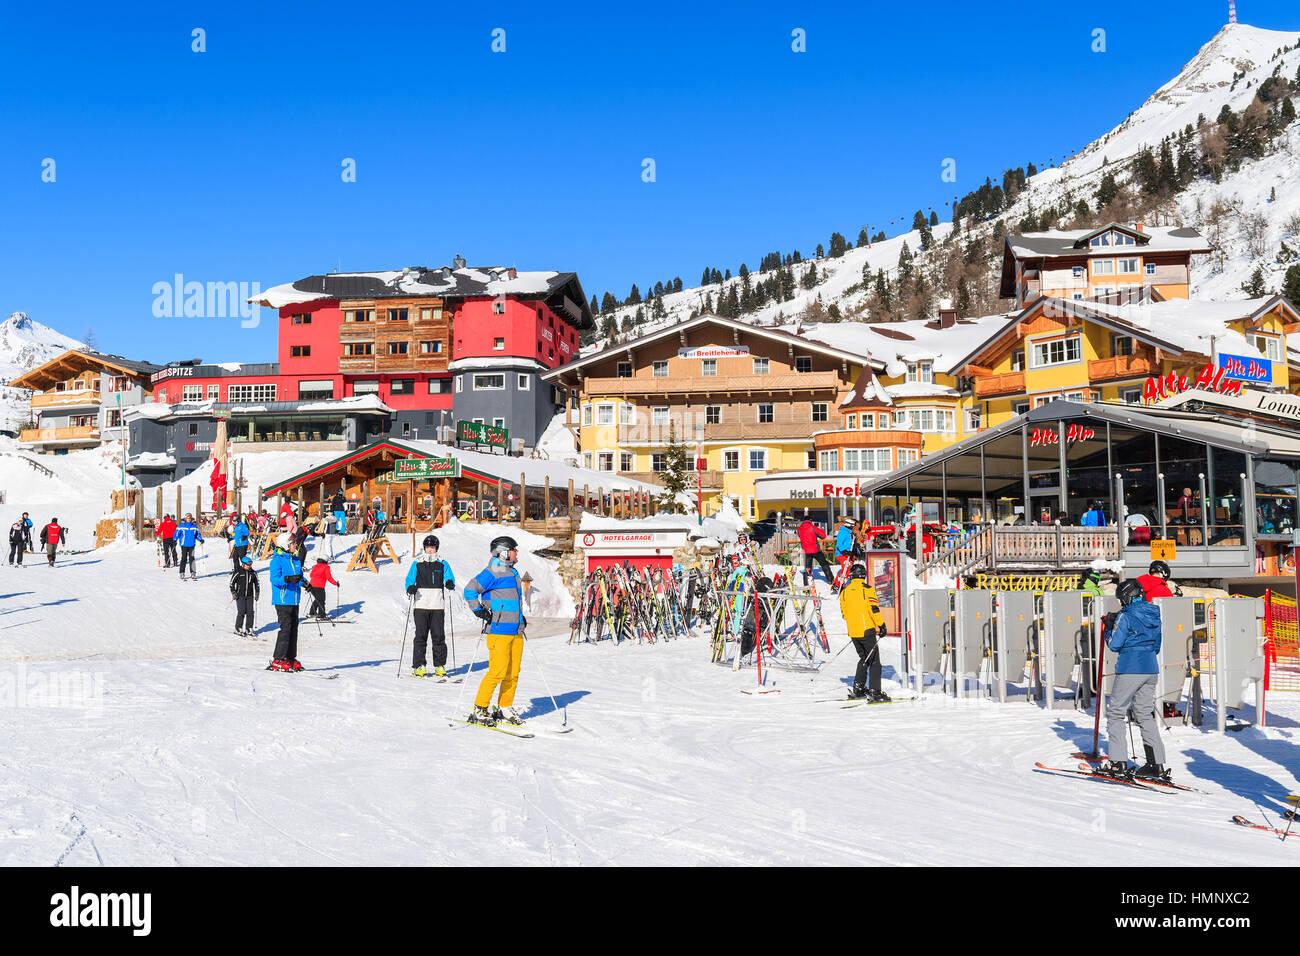 vacances autriche Station de SKI OBERTAUERN, AUTRICHE - Jan 22, 2017 : en vacances du0027hiver  dans la station de ski Obertauern Salzburg land, Alpes autrichiennes.